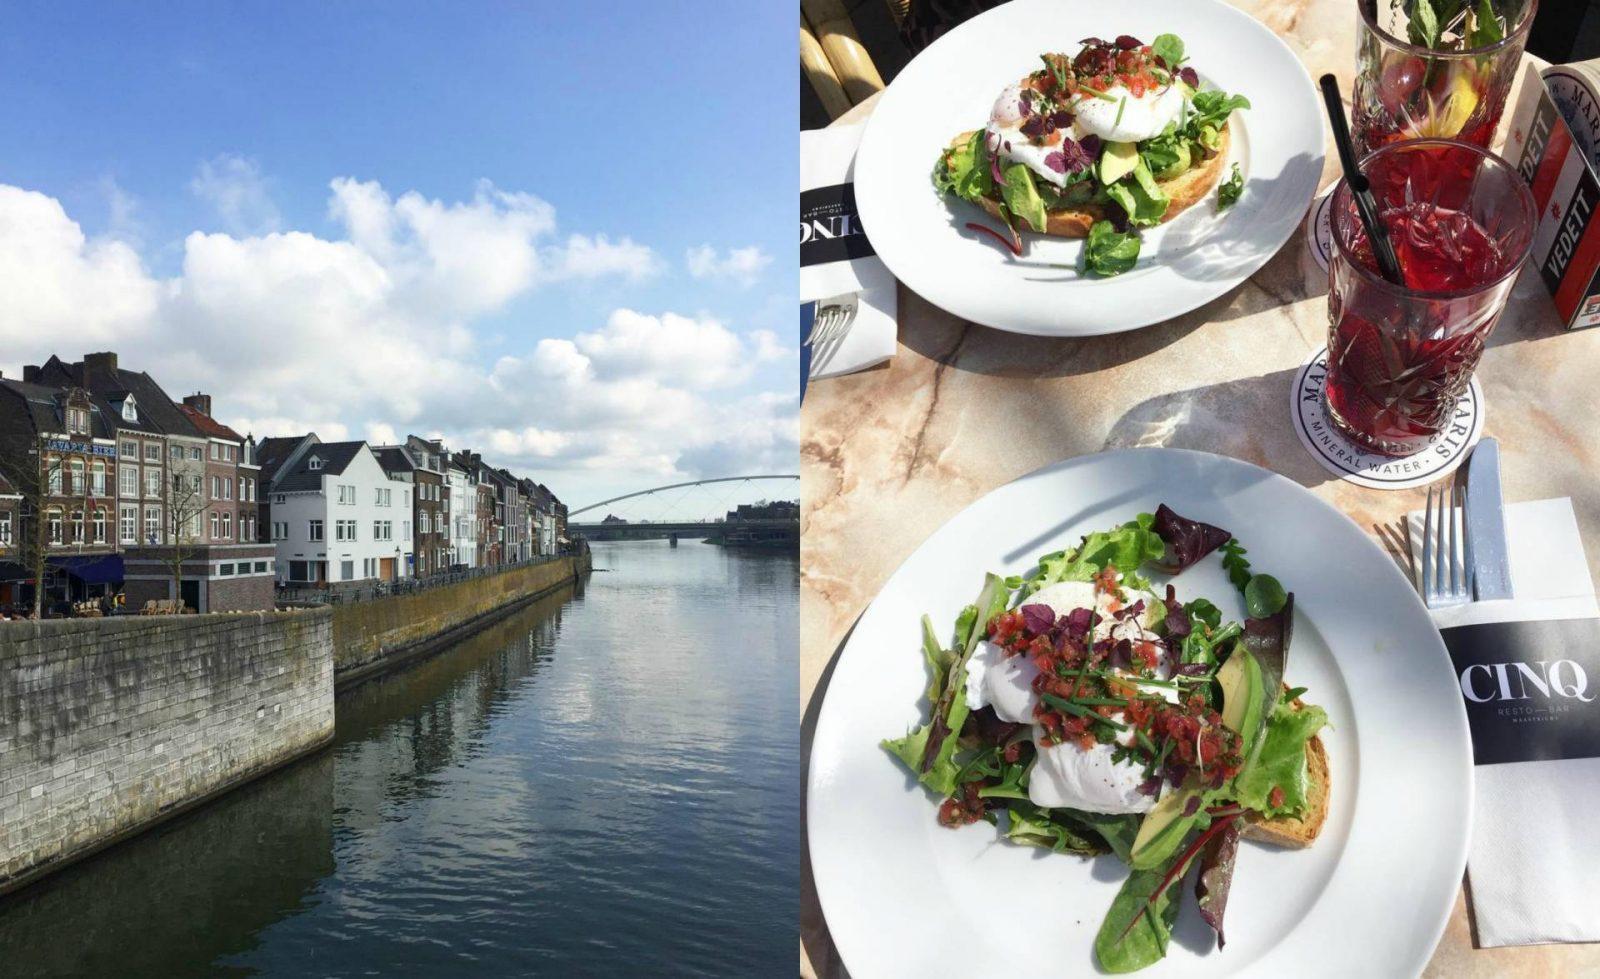 Mijn favoriete hotspots in Maastricht #2